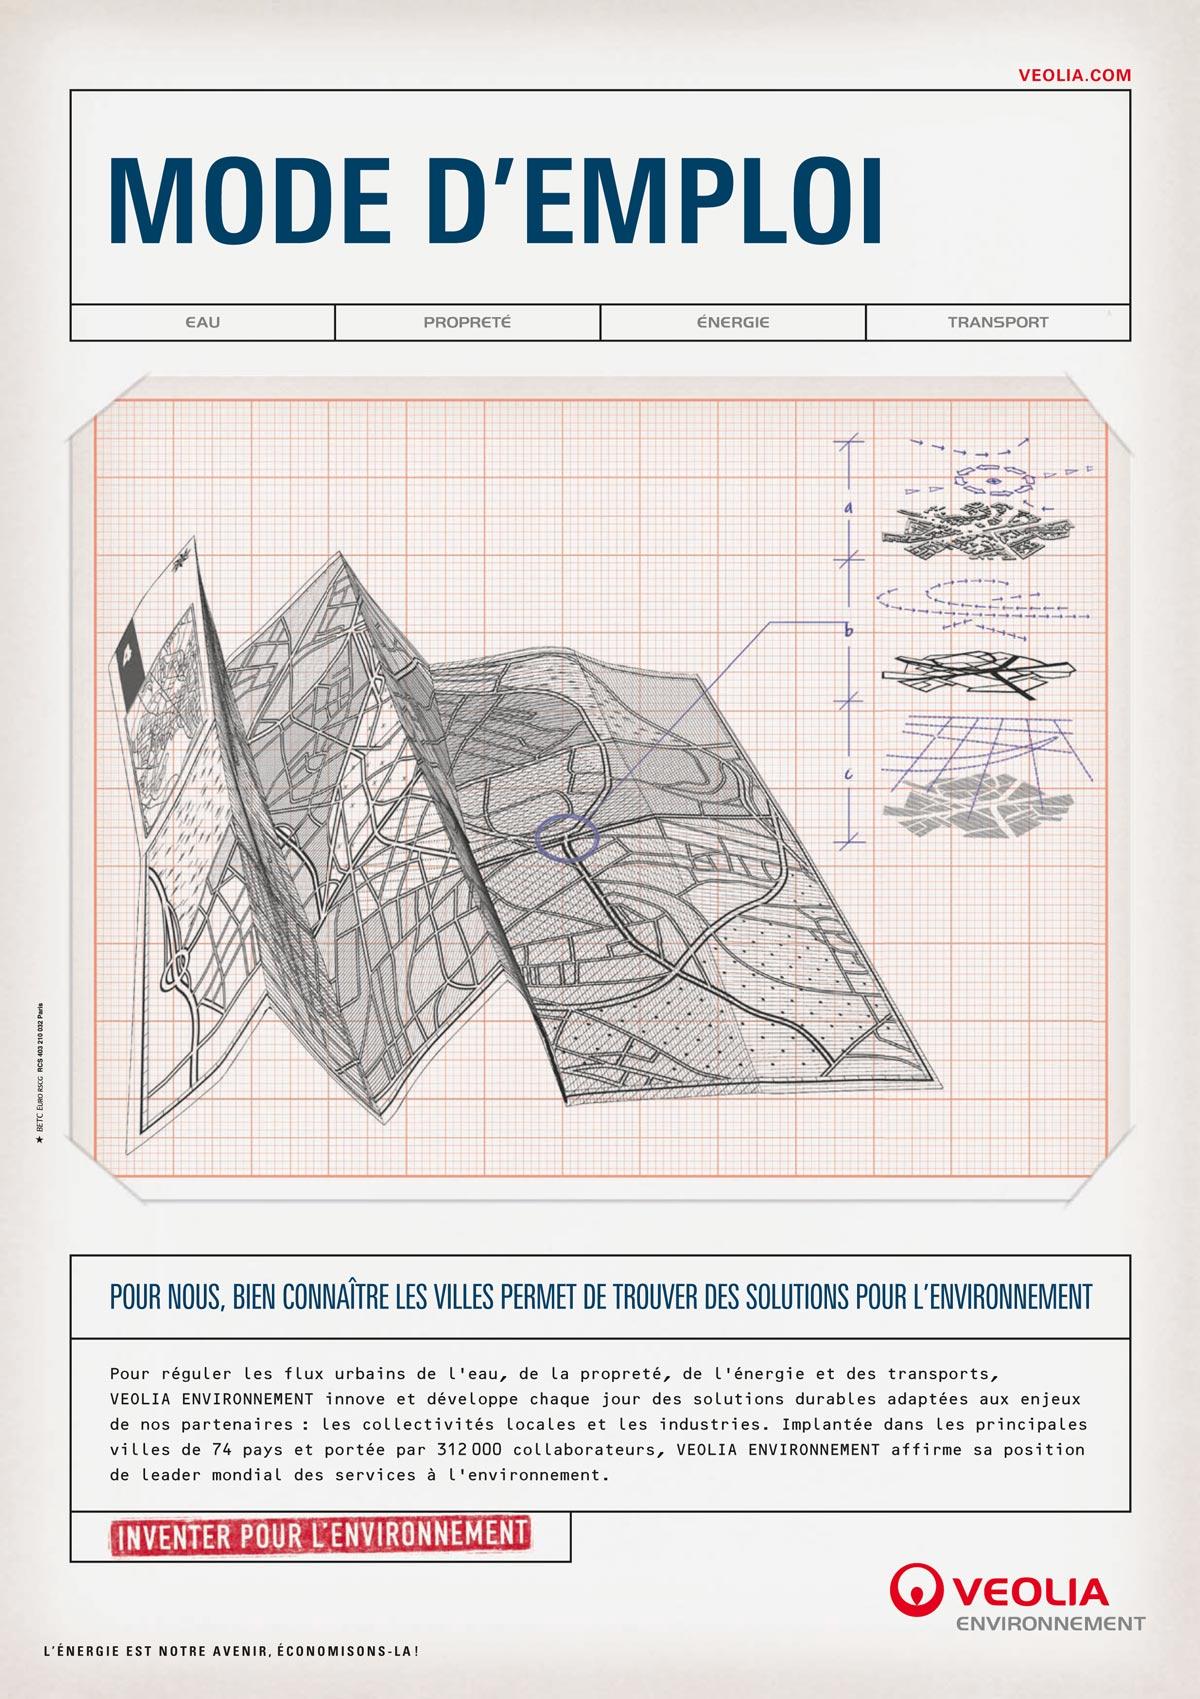 camagne publicatire betc pour veolia illustration ich&kar